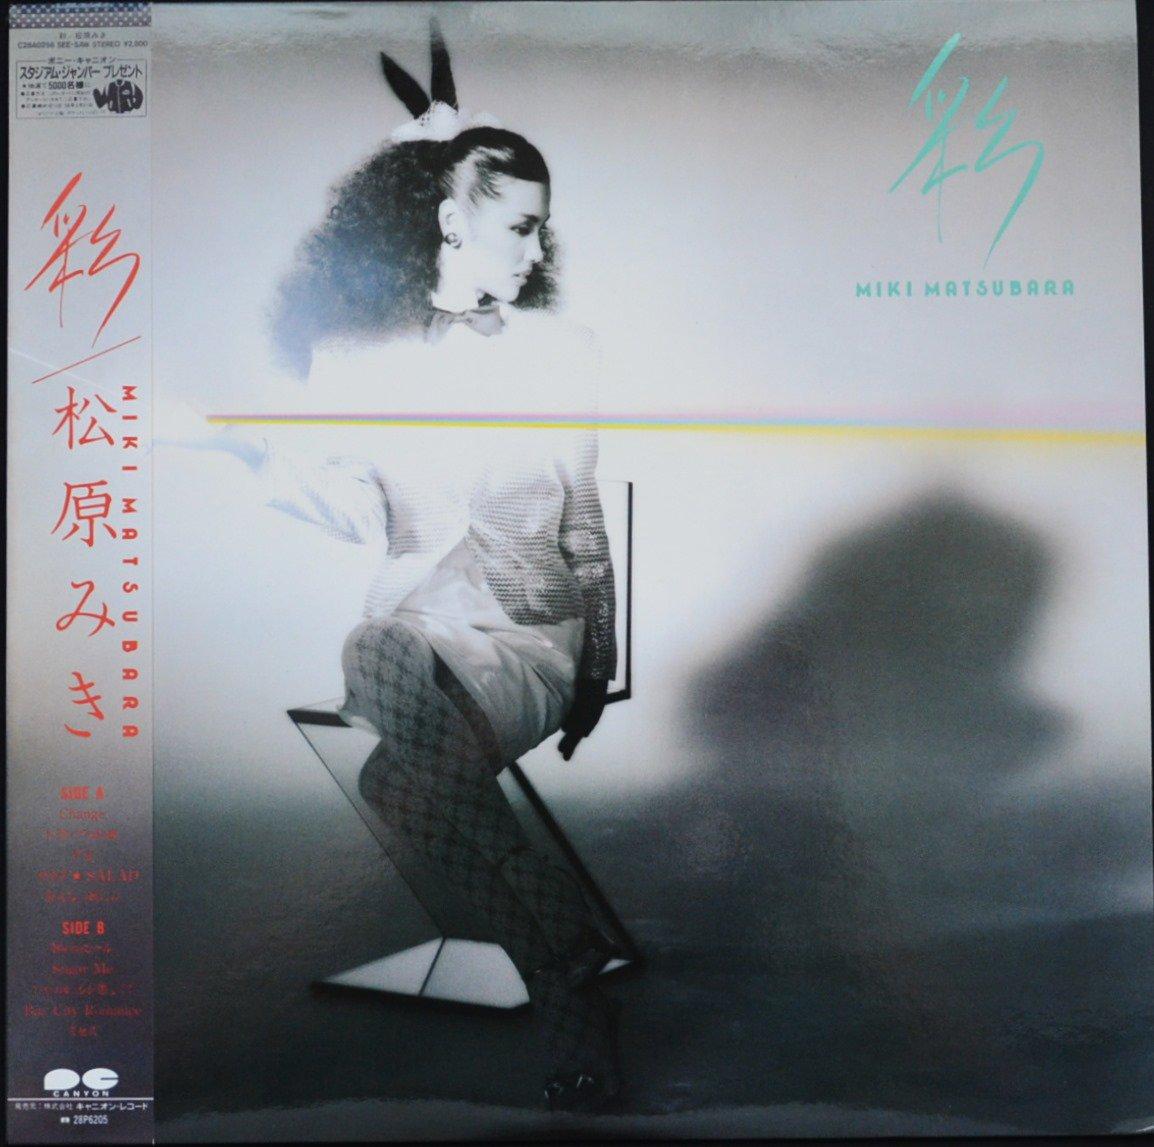 松原みき MIKI MATSUBARA / 彩 (AYA / あや) (LP)